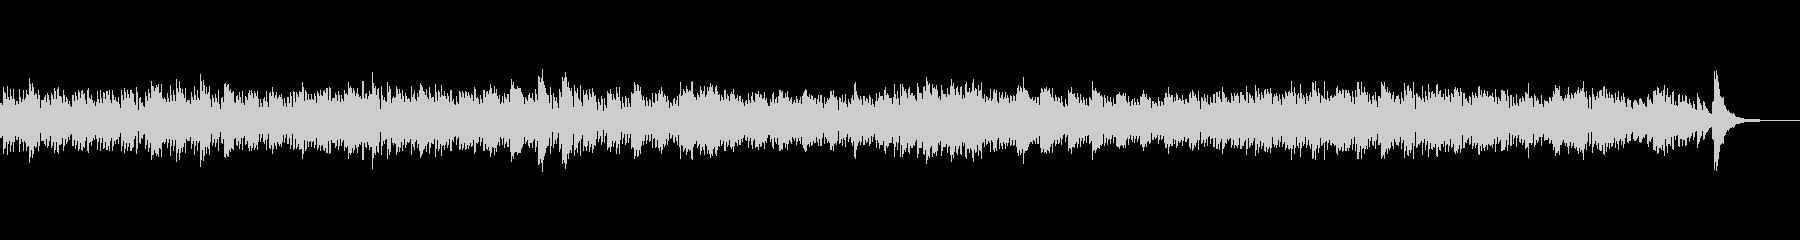 平均律クラヴィーア第1番、ハープシコードの未再生の波形